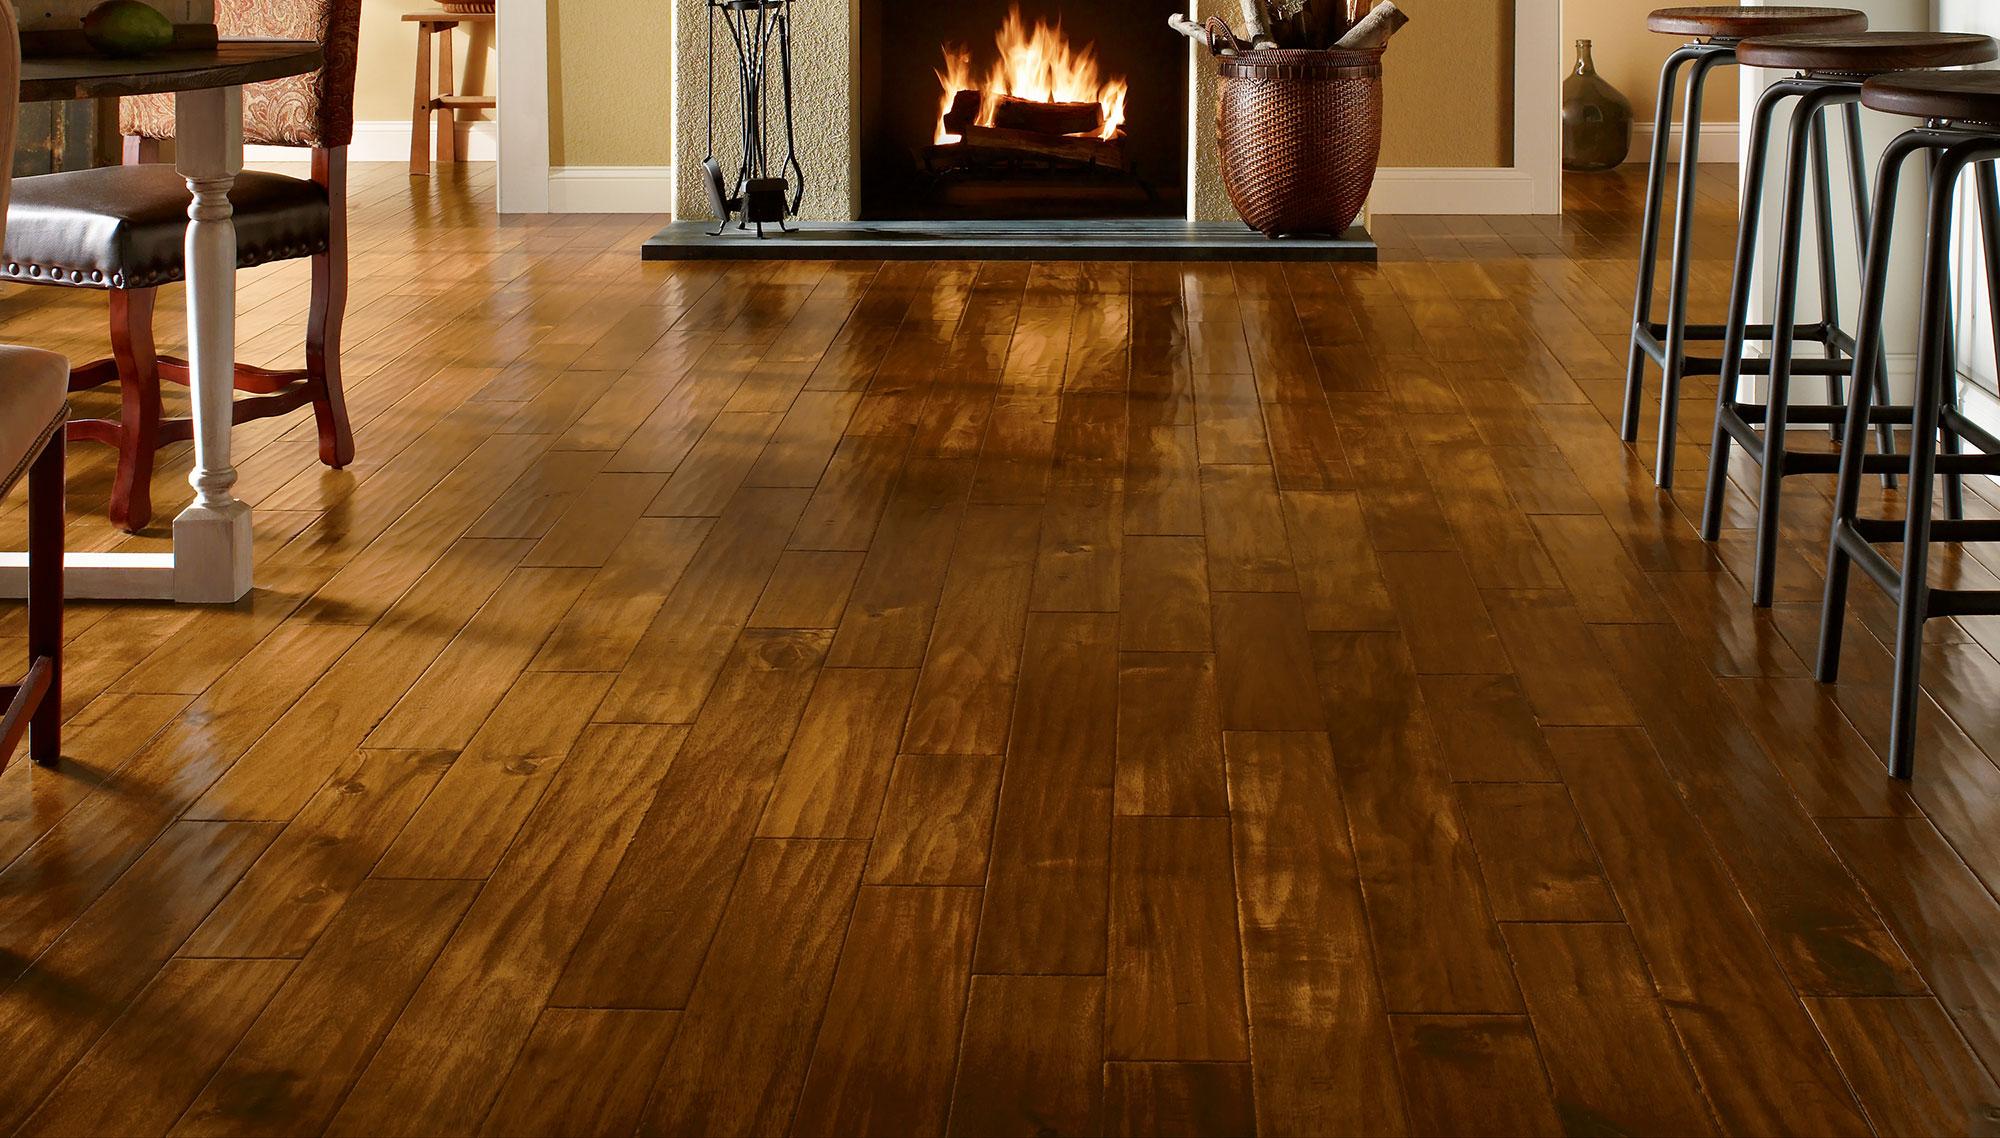 Kleinburg Hardwood Floors